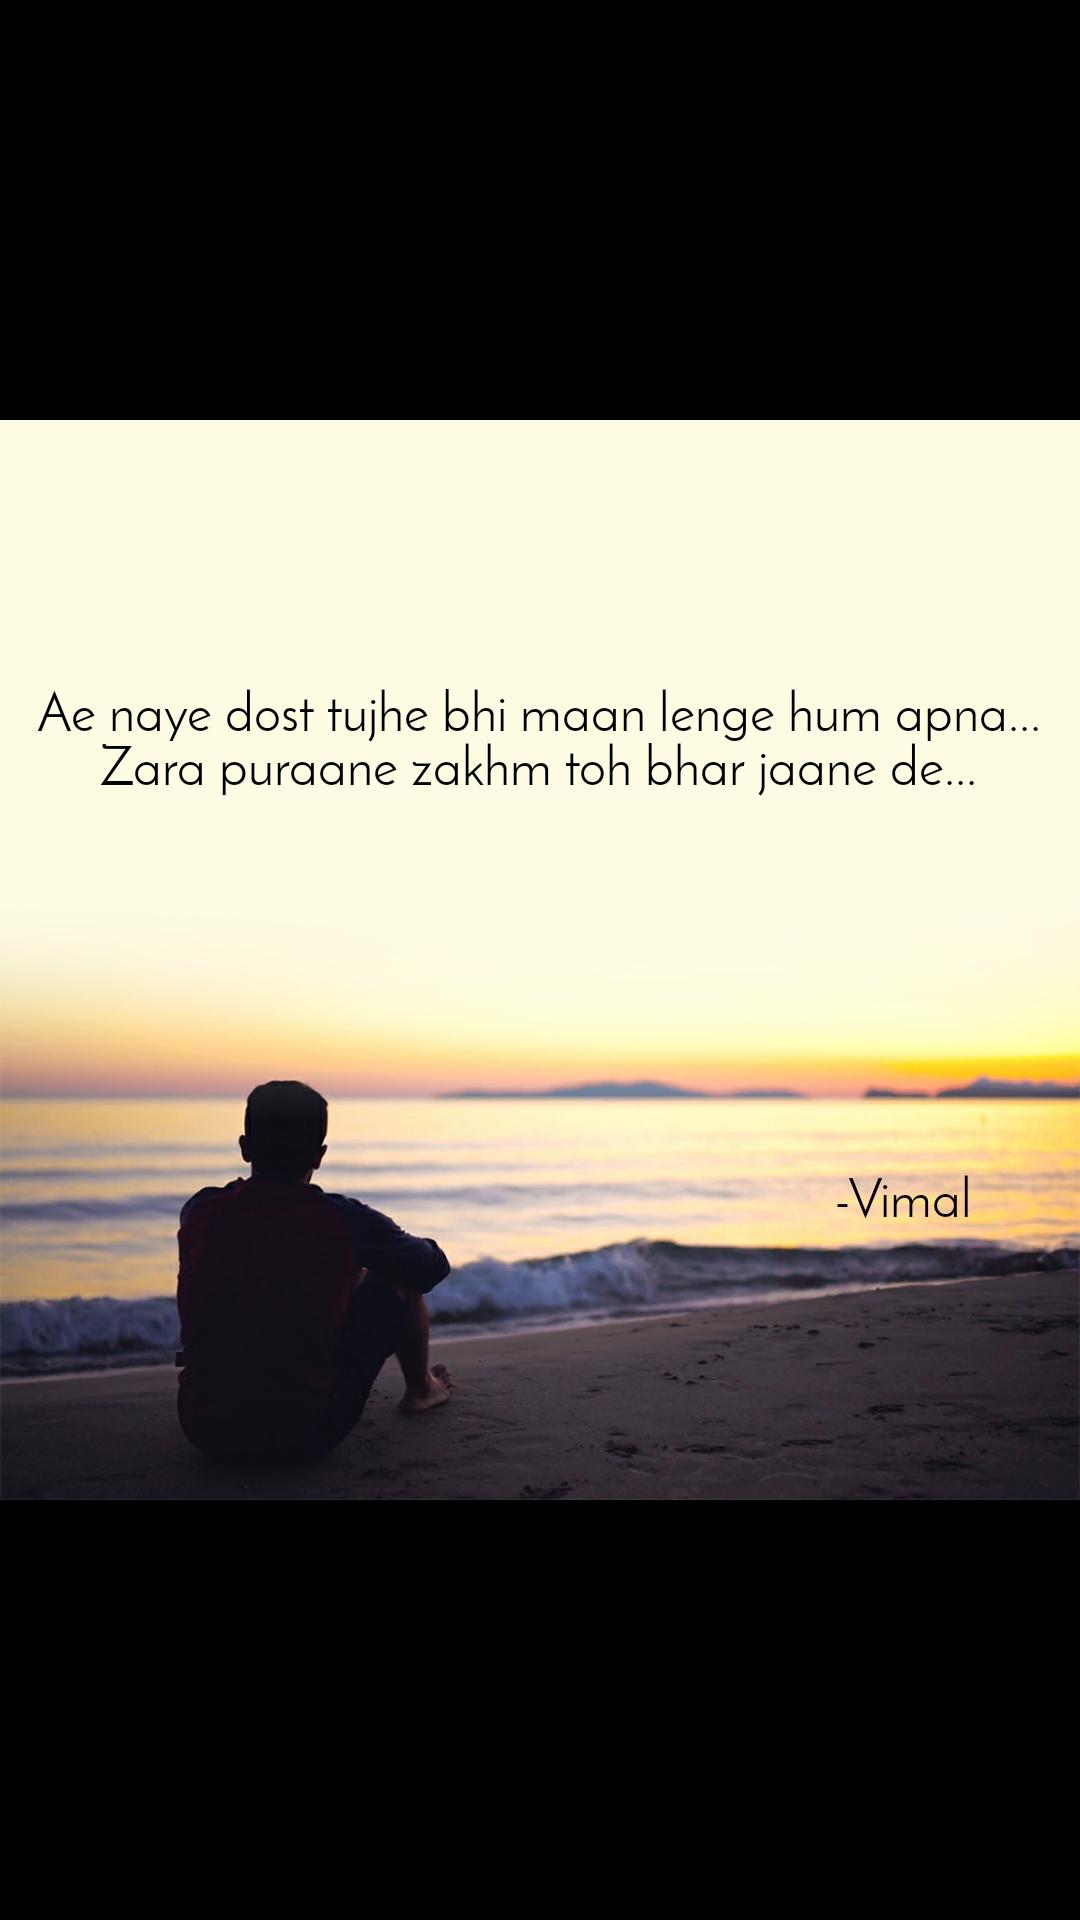 Ae naye dost tujhe bhi maan lenge hum apna...  Zara puraane zakhm toh bhar jaane de...                                                                                                           -Vimal